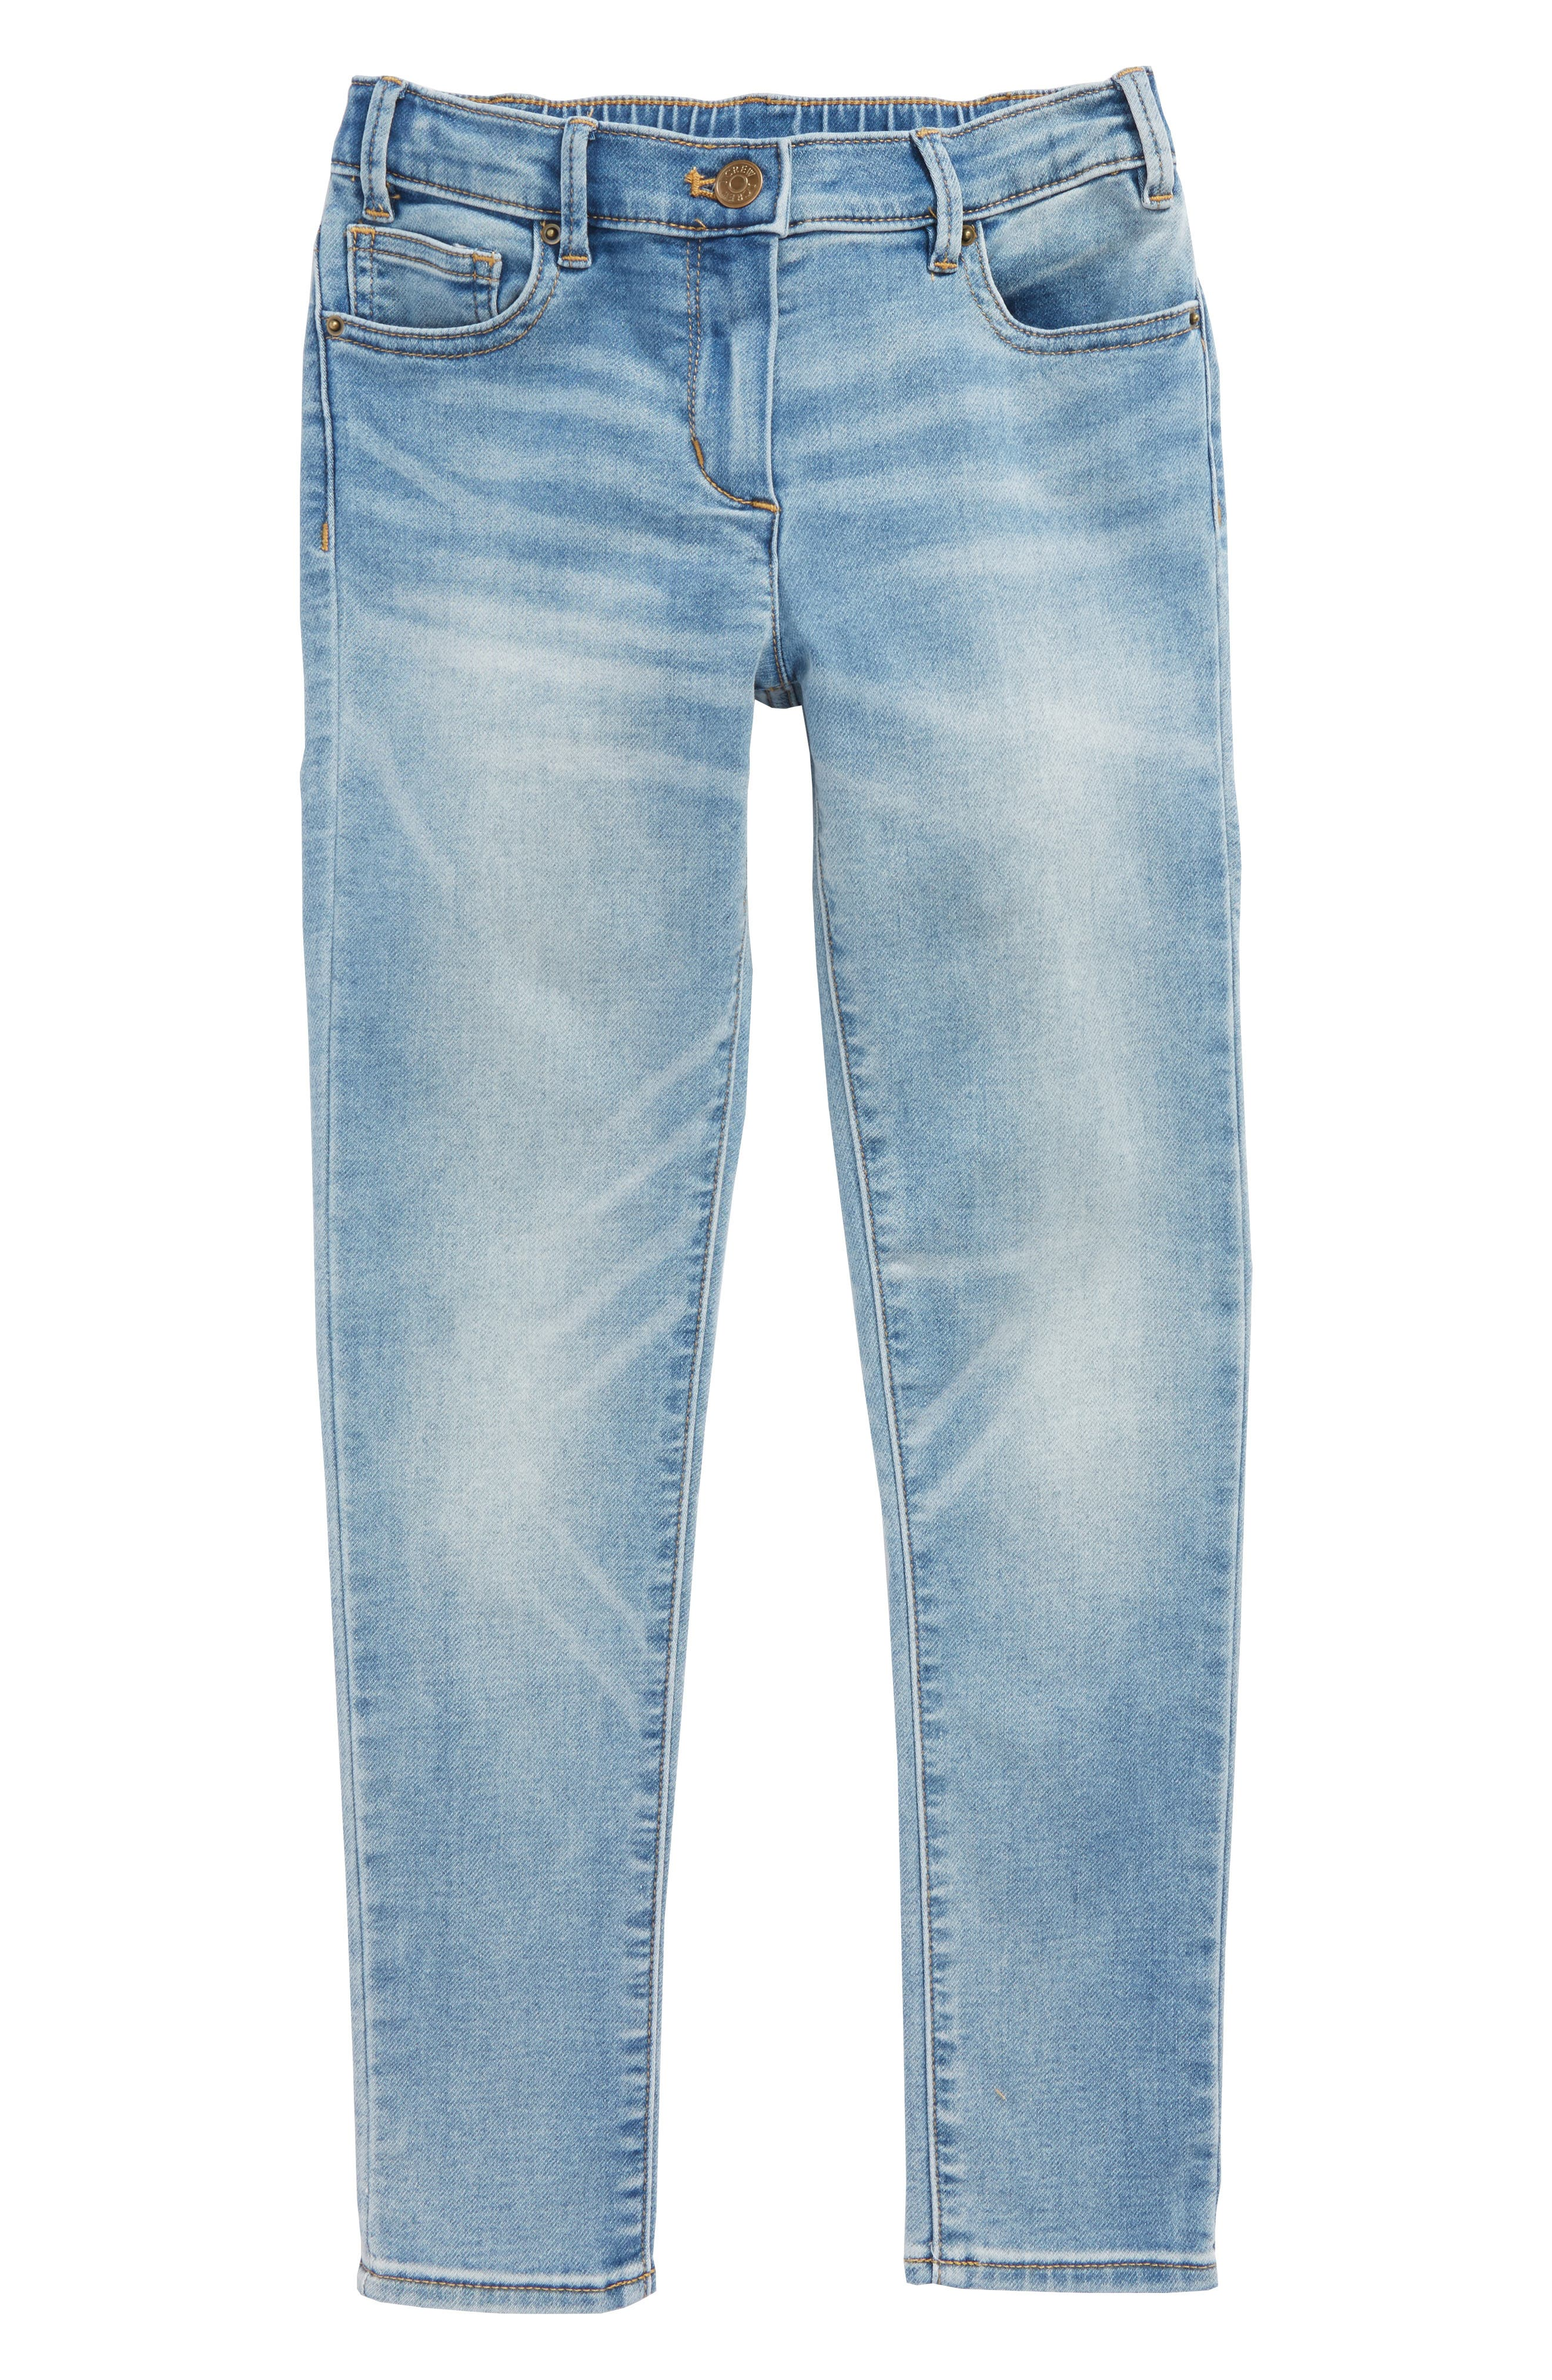 Runaround Stretch Denim Jeans,                         Main,                         color, Patchwork Wash